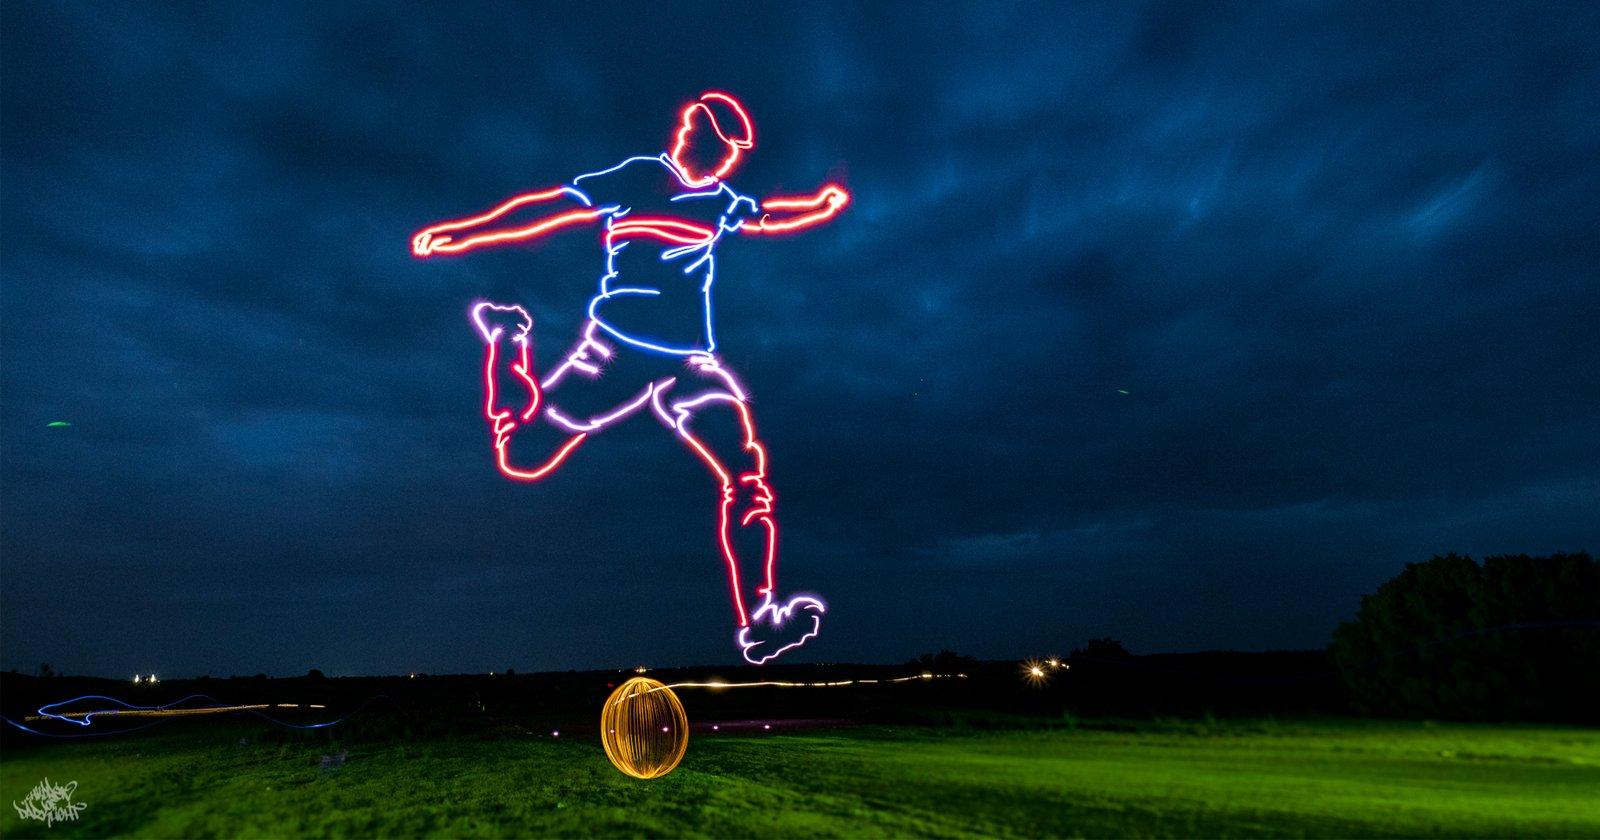 L'artista utilizza cinque droni per creare un gigantesco disegno dipinto di luce nel cielo